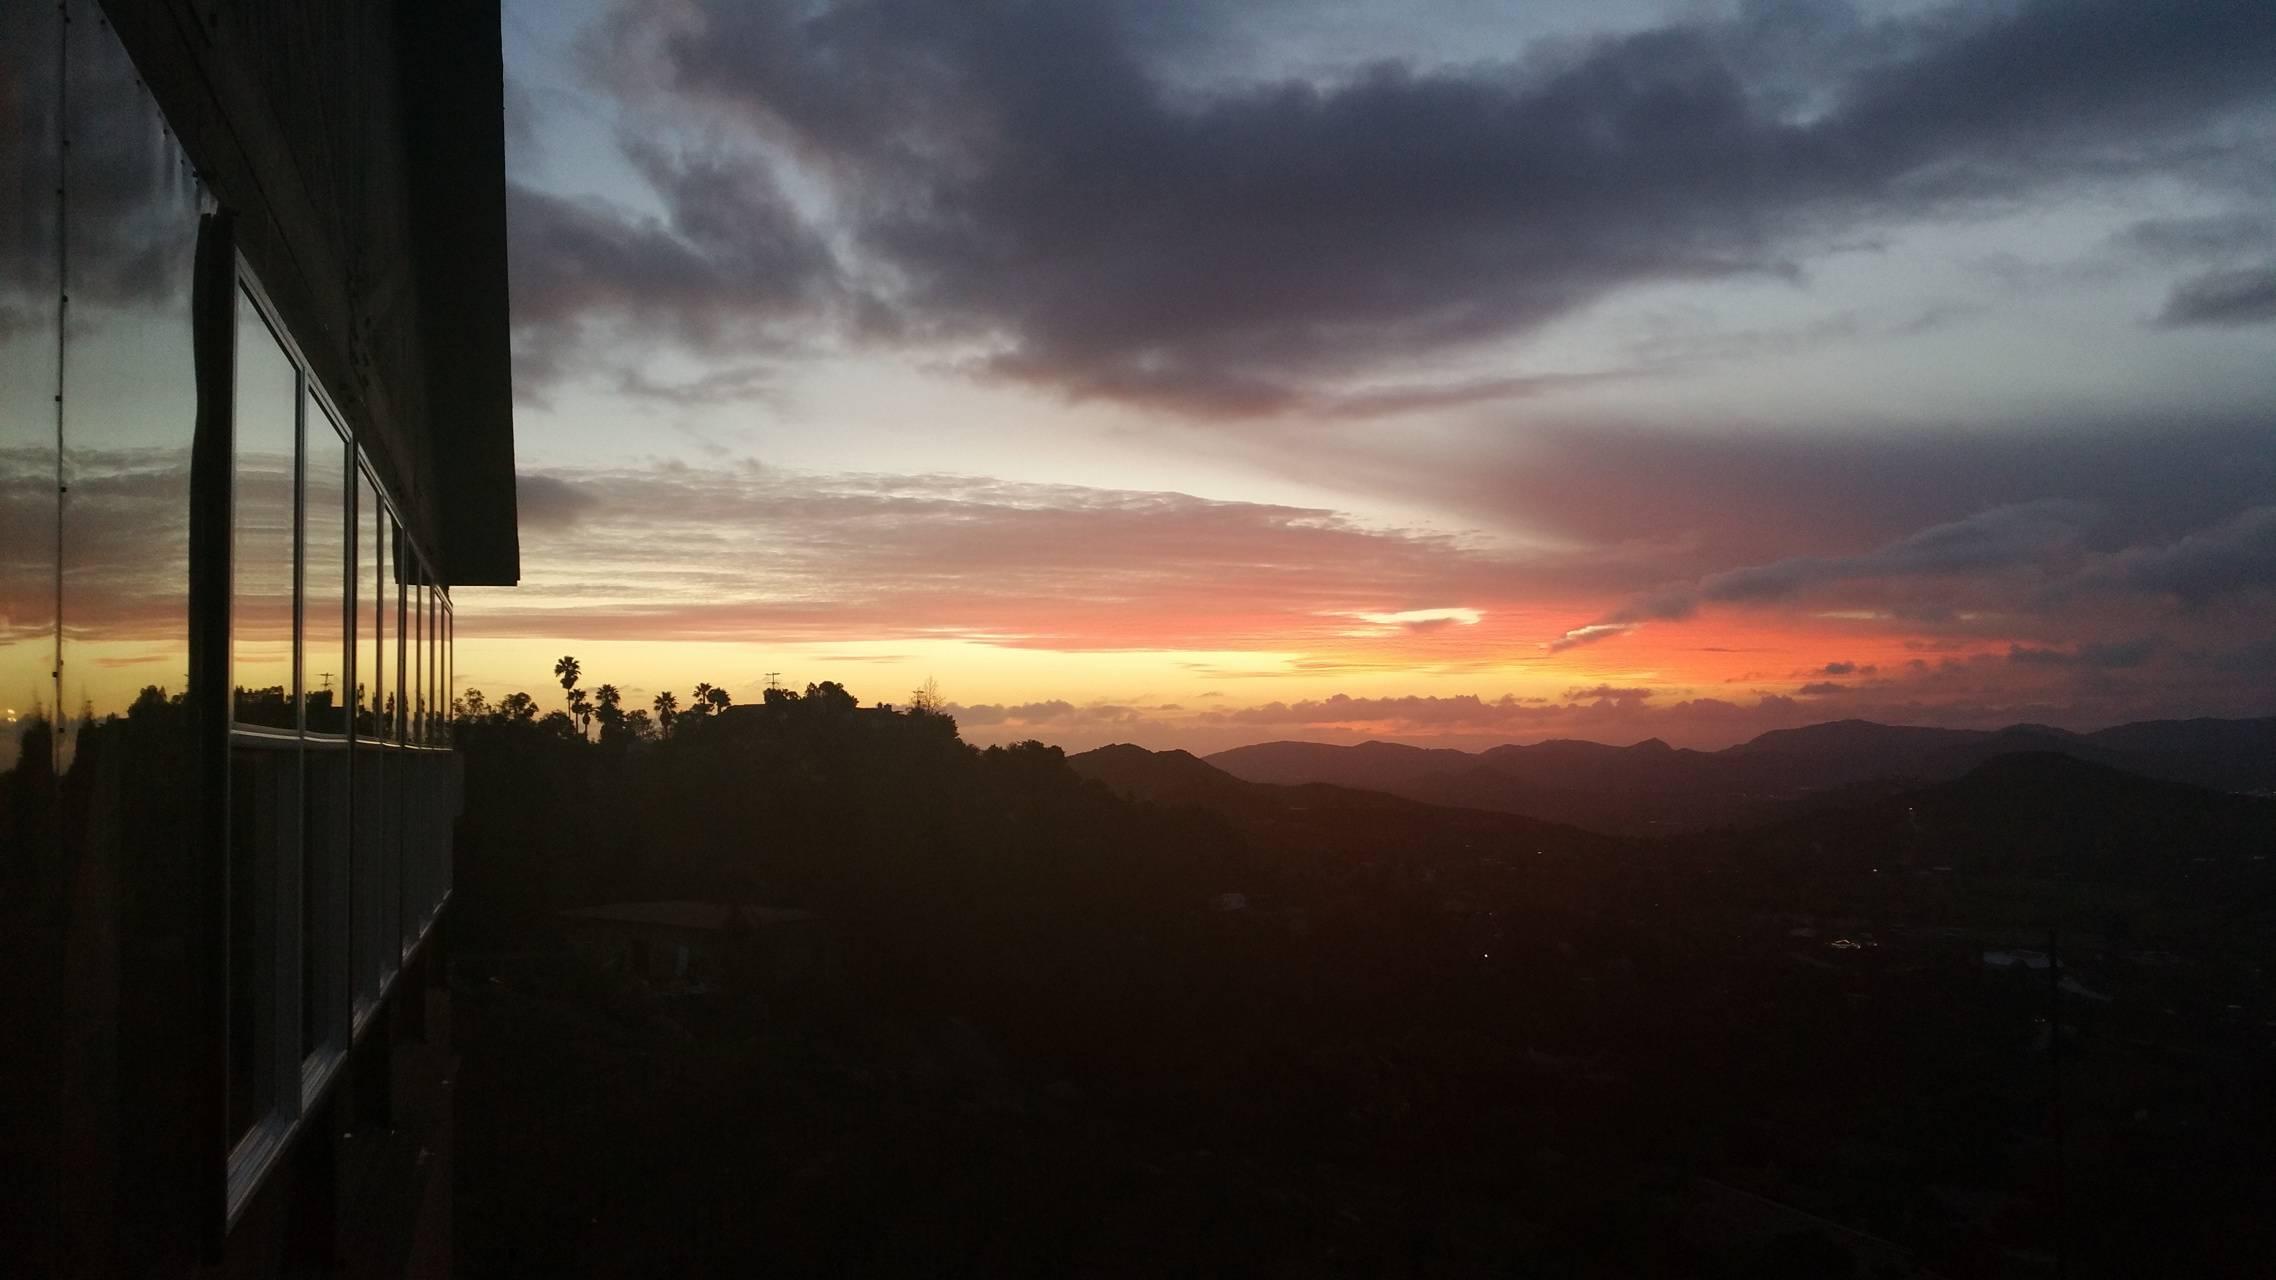 Sky dusk